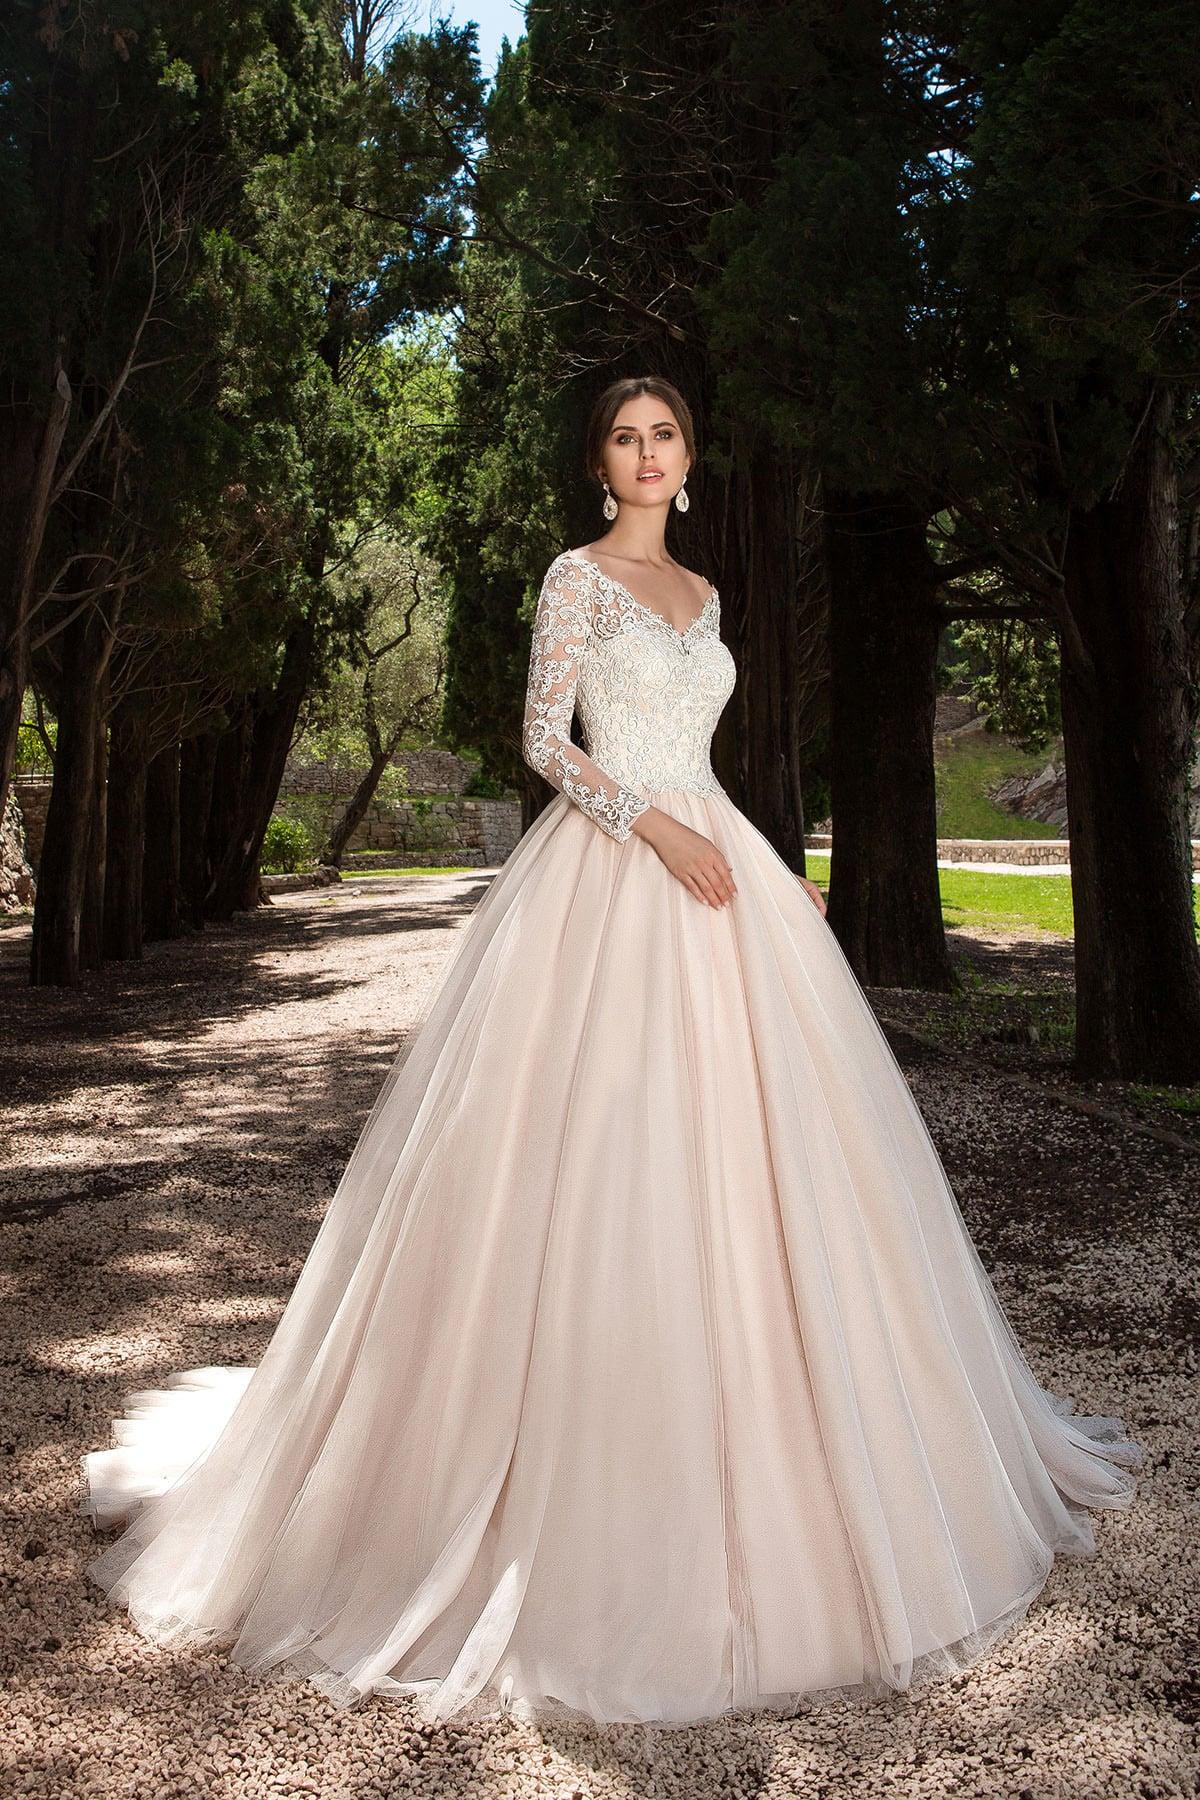 Где Купить Недорого Свадебное Платье В Москве